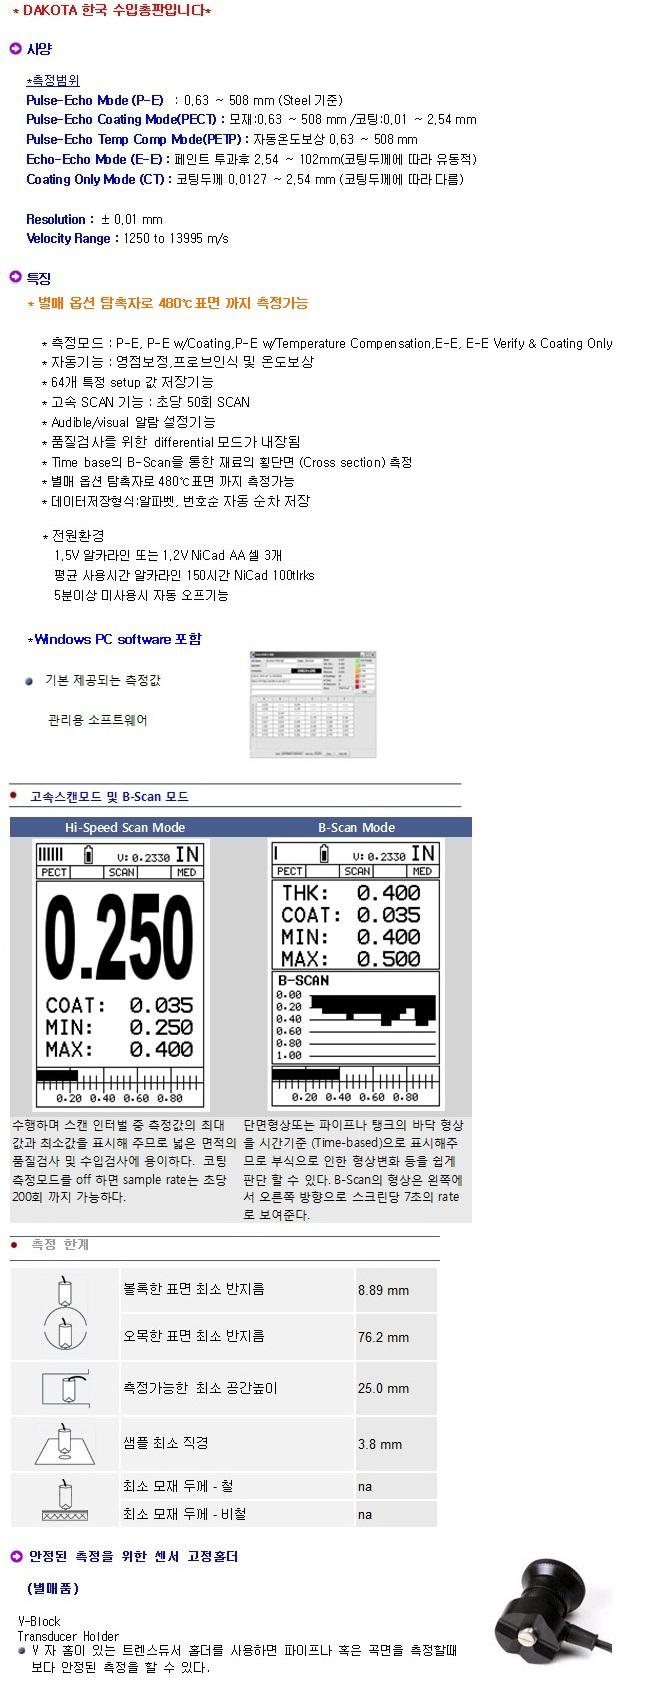 cmx-dl_02.jpg